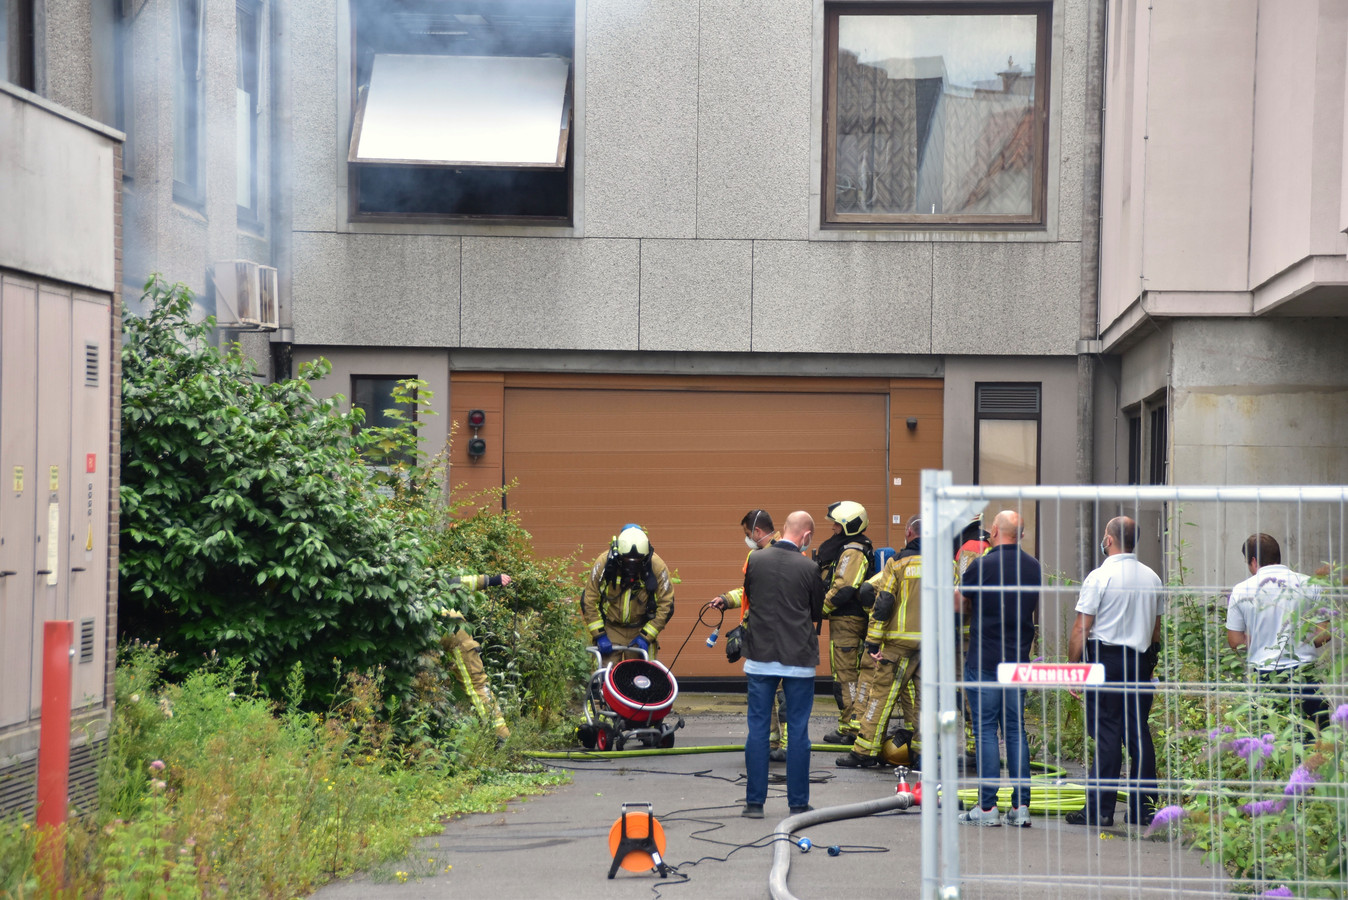 De brand in de voormalige Sint-Maartenskliniek in Kortrijk woedde in één van de kamers aan de zijkant van het gebouw.